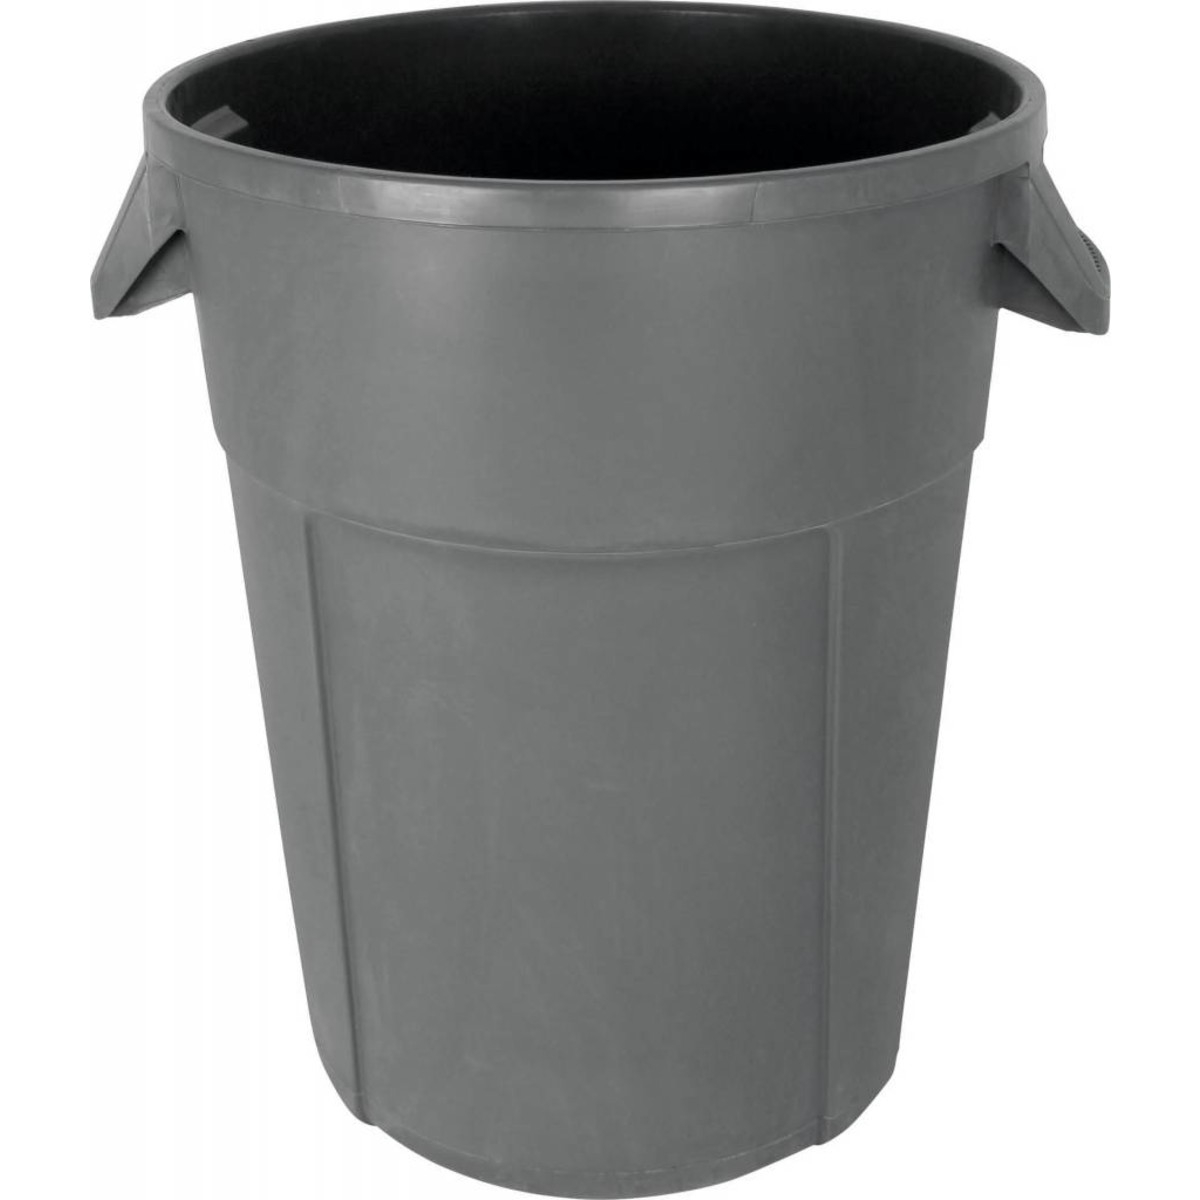 Abfalleimer rund grau 85 L ohne Deckel